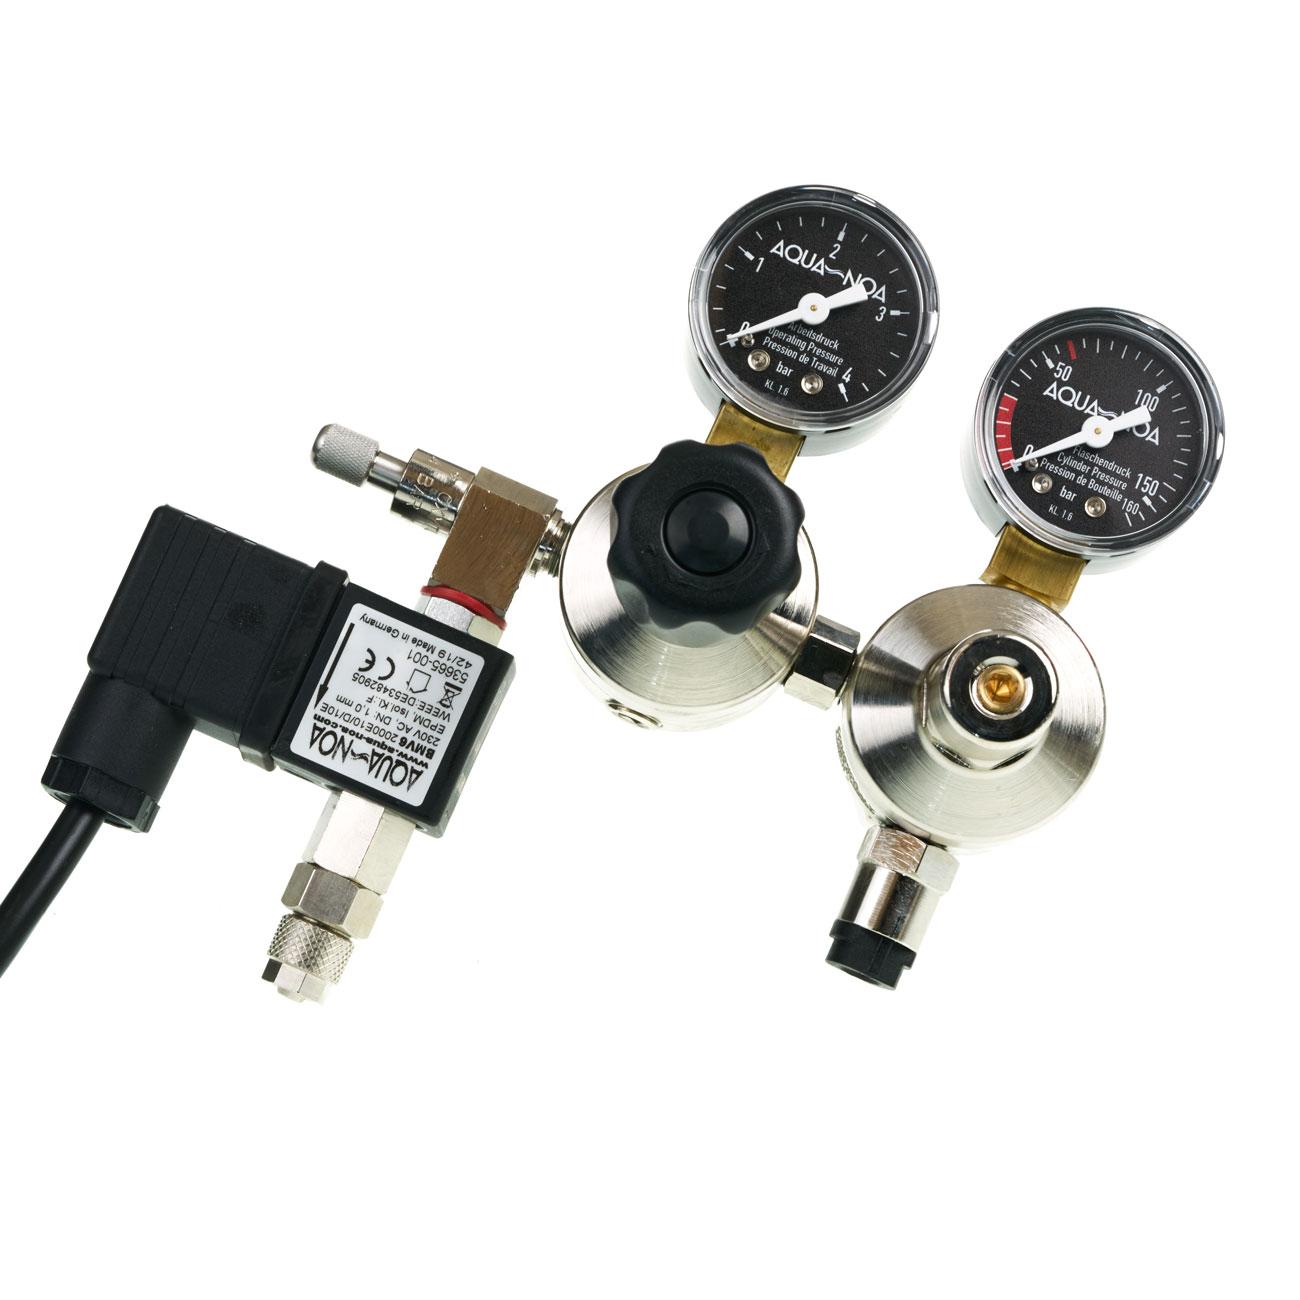 CO2 Doppelkammmer Druckminderer mit CO2 Nachtabschaltung